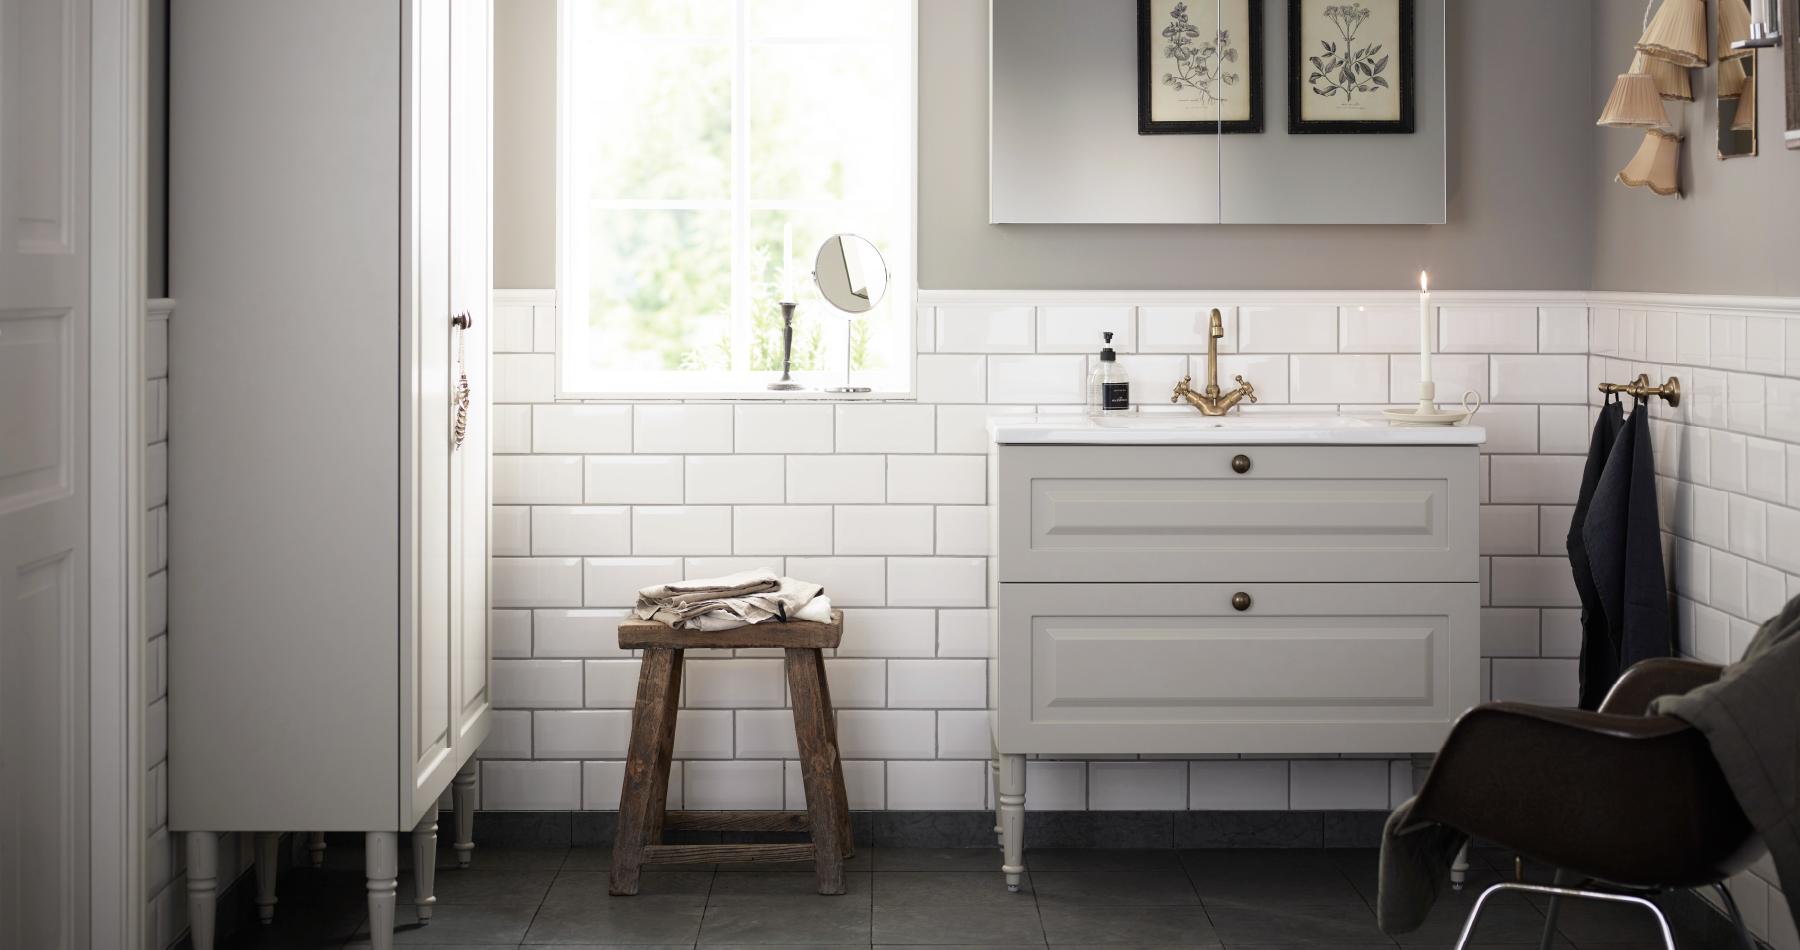 Skapa ditt eget badrum   nytt kök badrum och tvättstuga   vedum ...